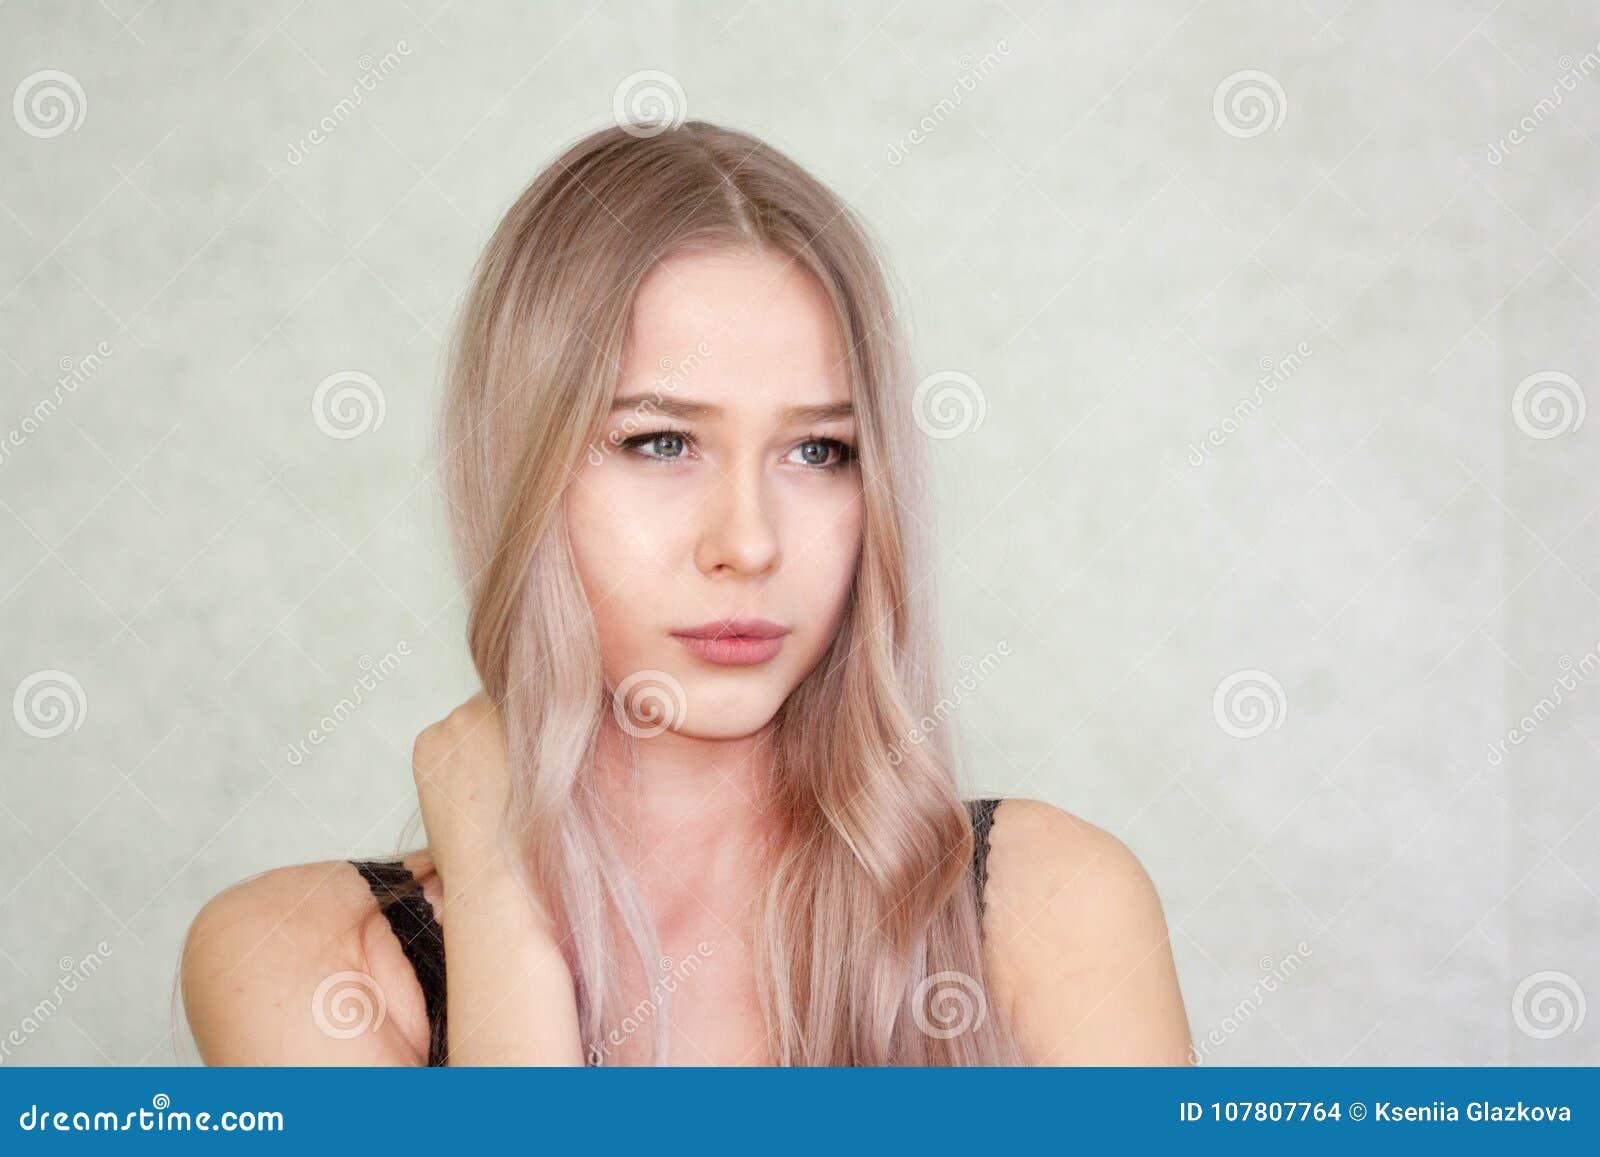 Почему симпатичная девушка